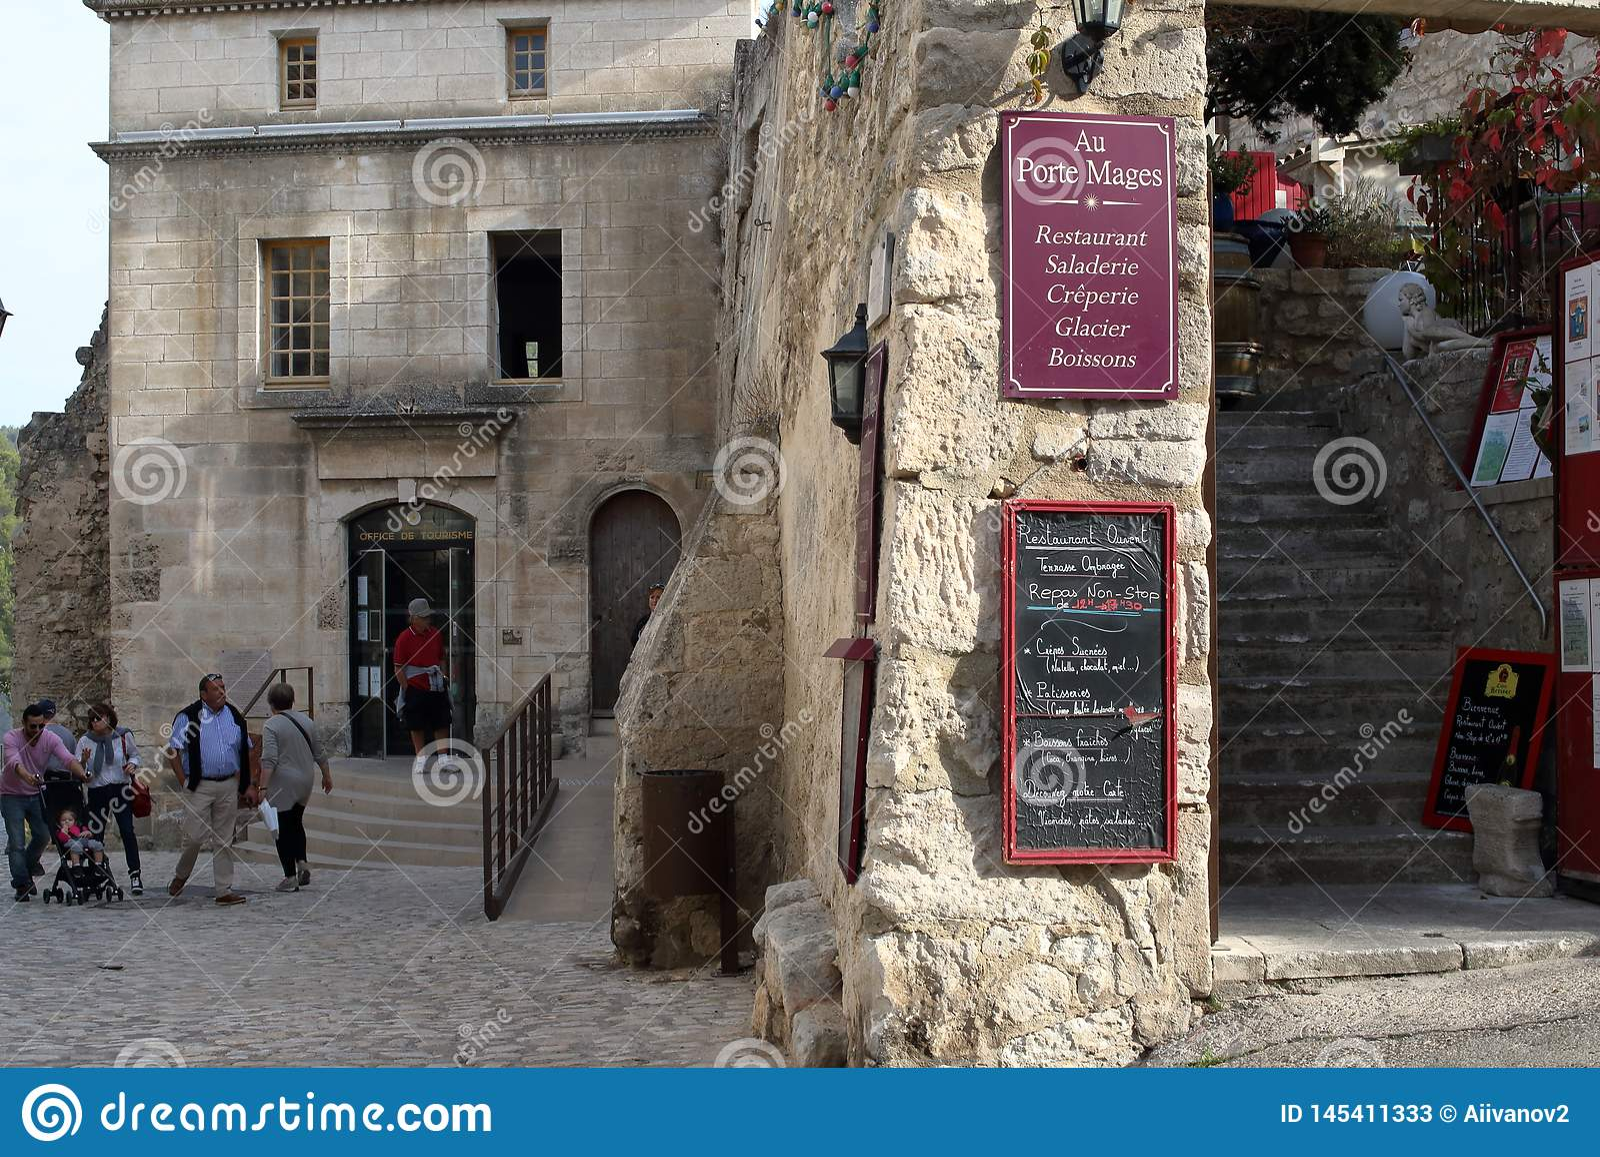 Les Baux-De-Provence, France - 21 OCTOBRE 2017 : Vue de rue, divis?e en deux avions par un mur en pierre